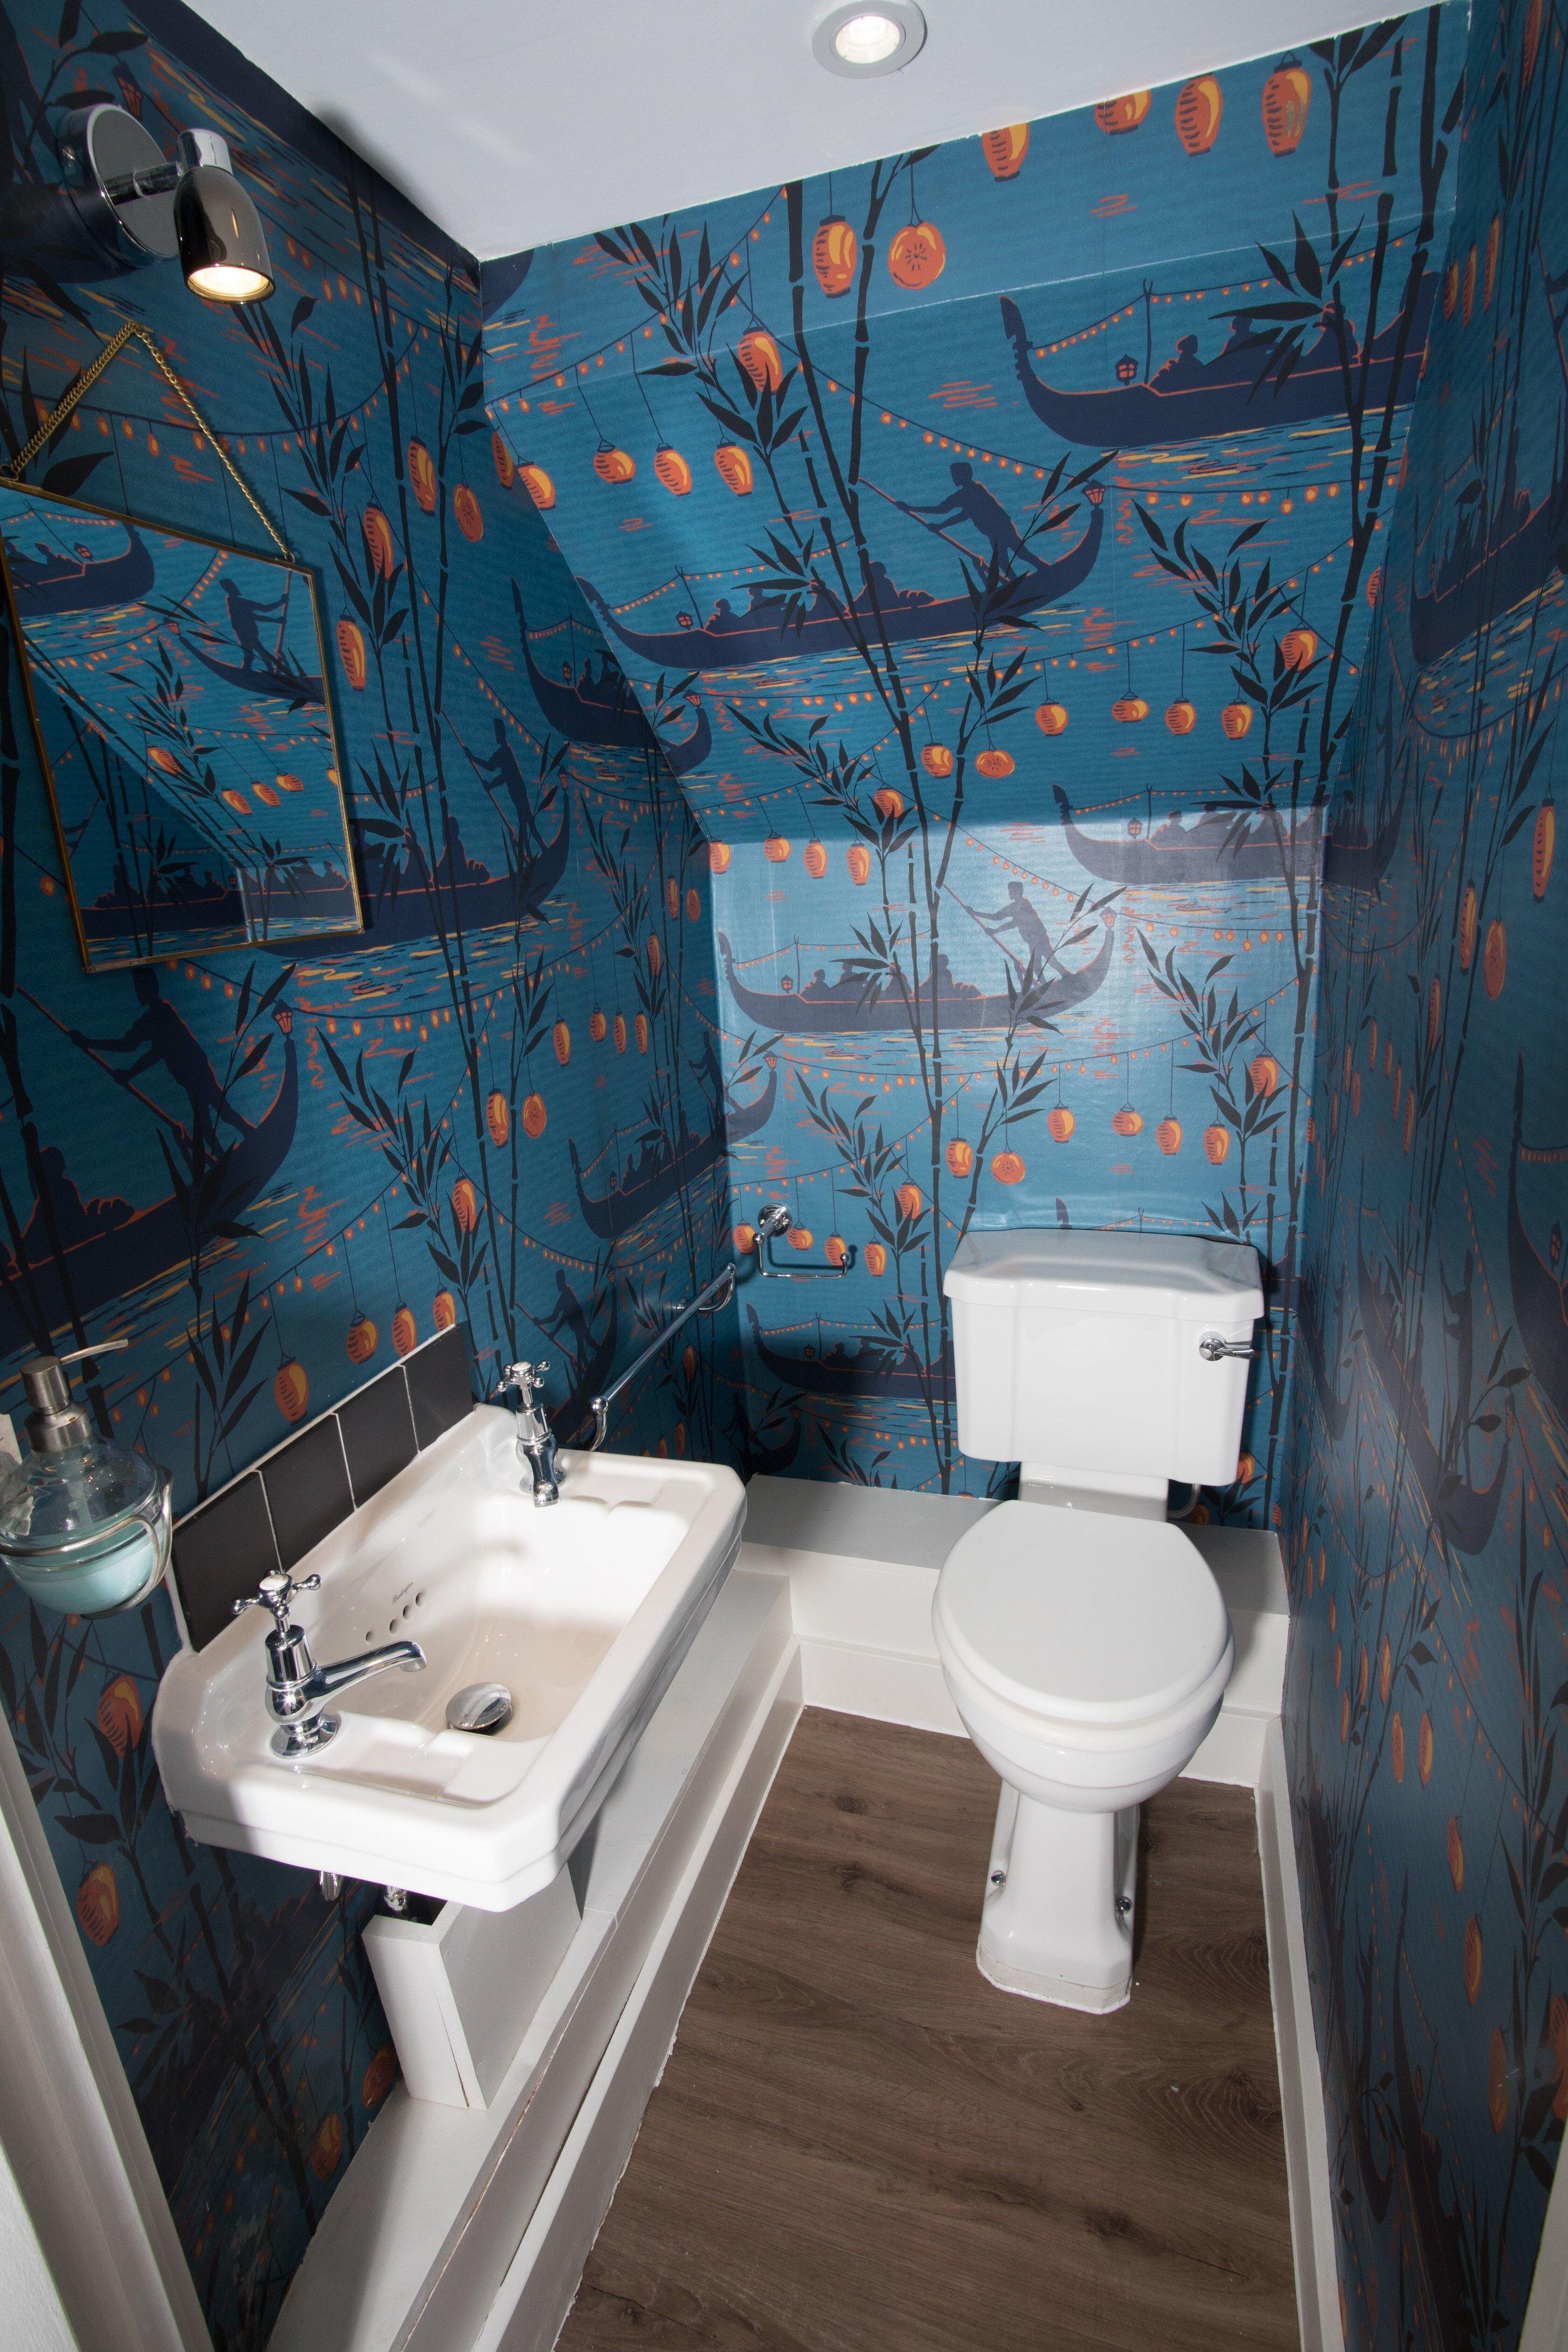 Downstairs toilet 1.jpg